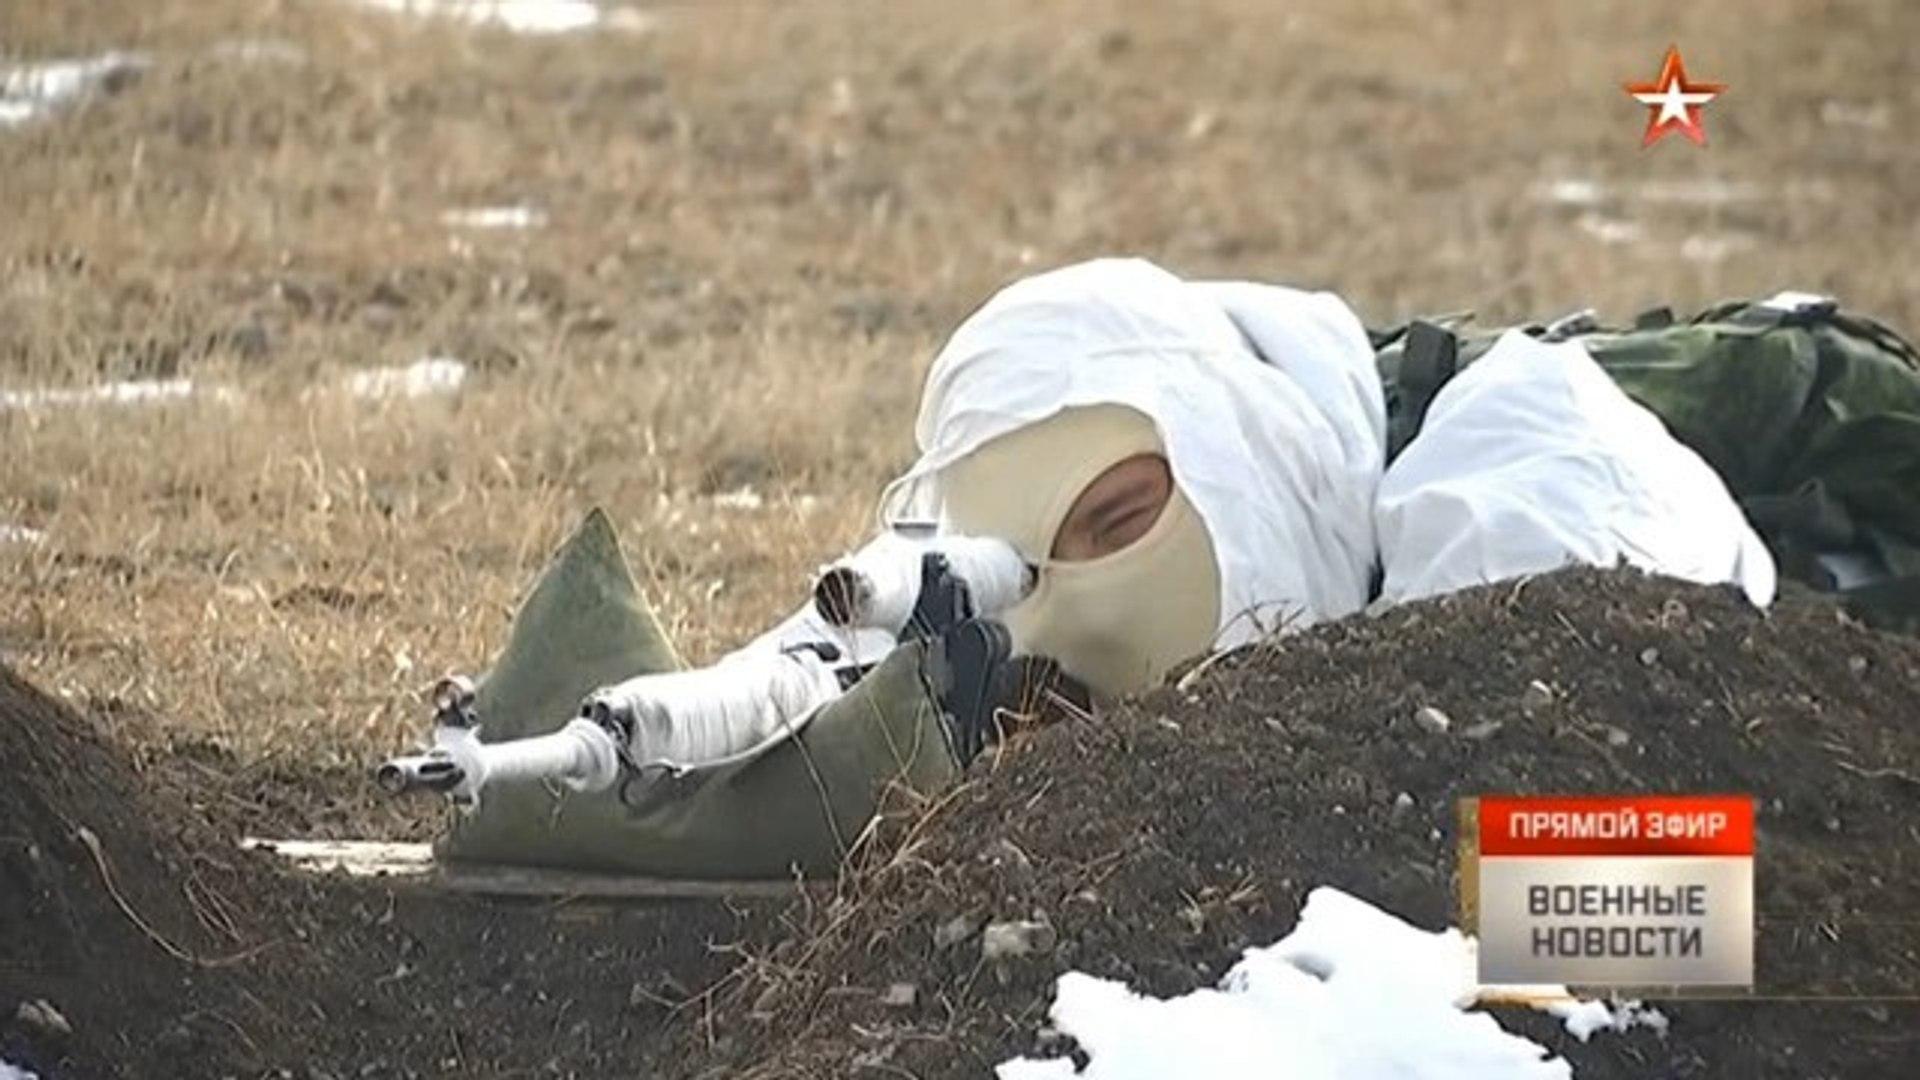 Военные новости от 30 декабря 2015 г. www.voenvideo.ru